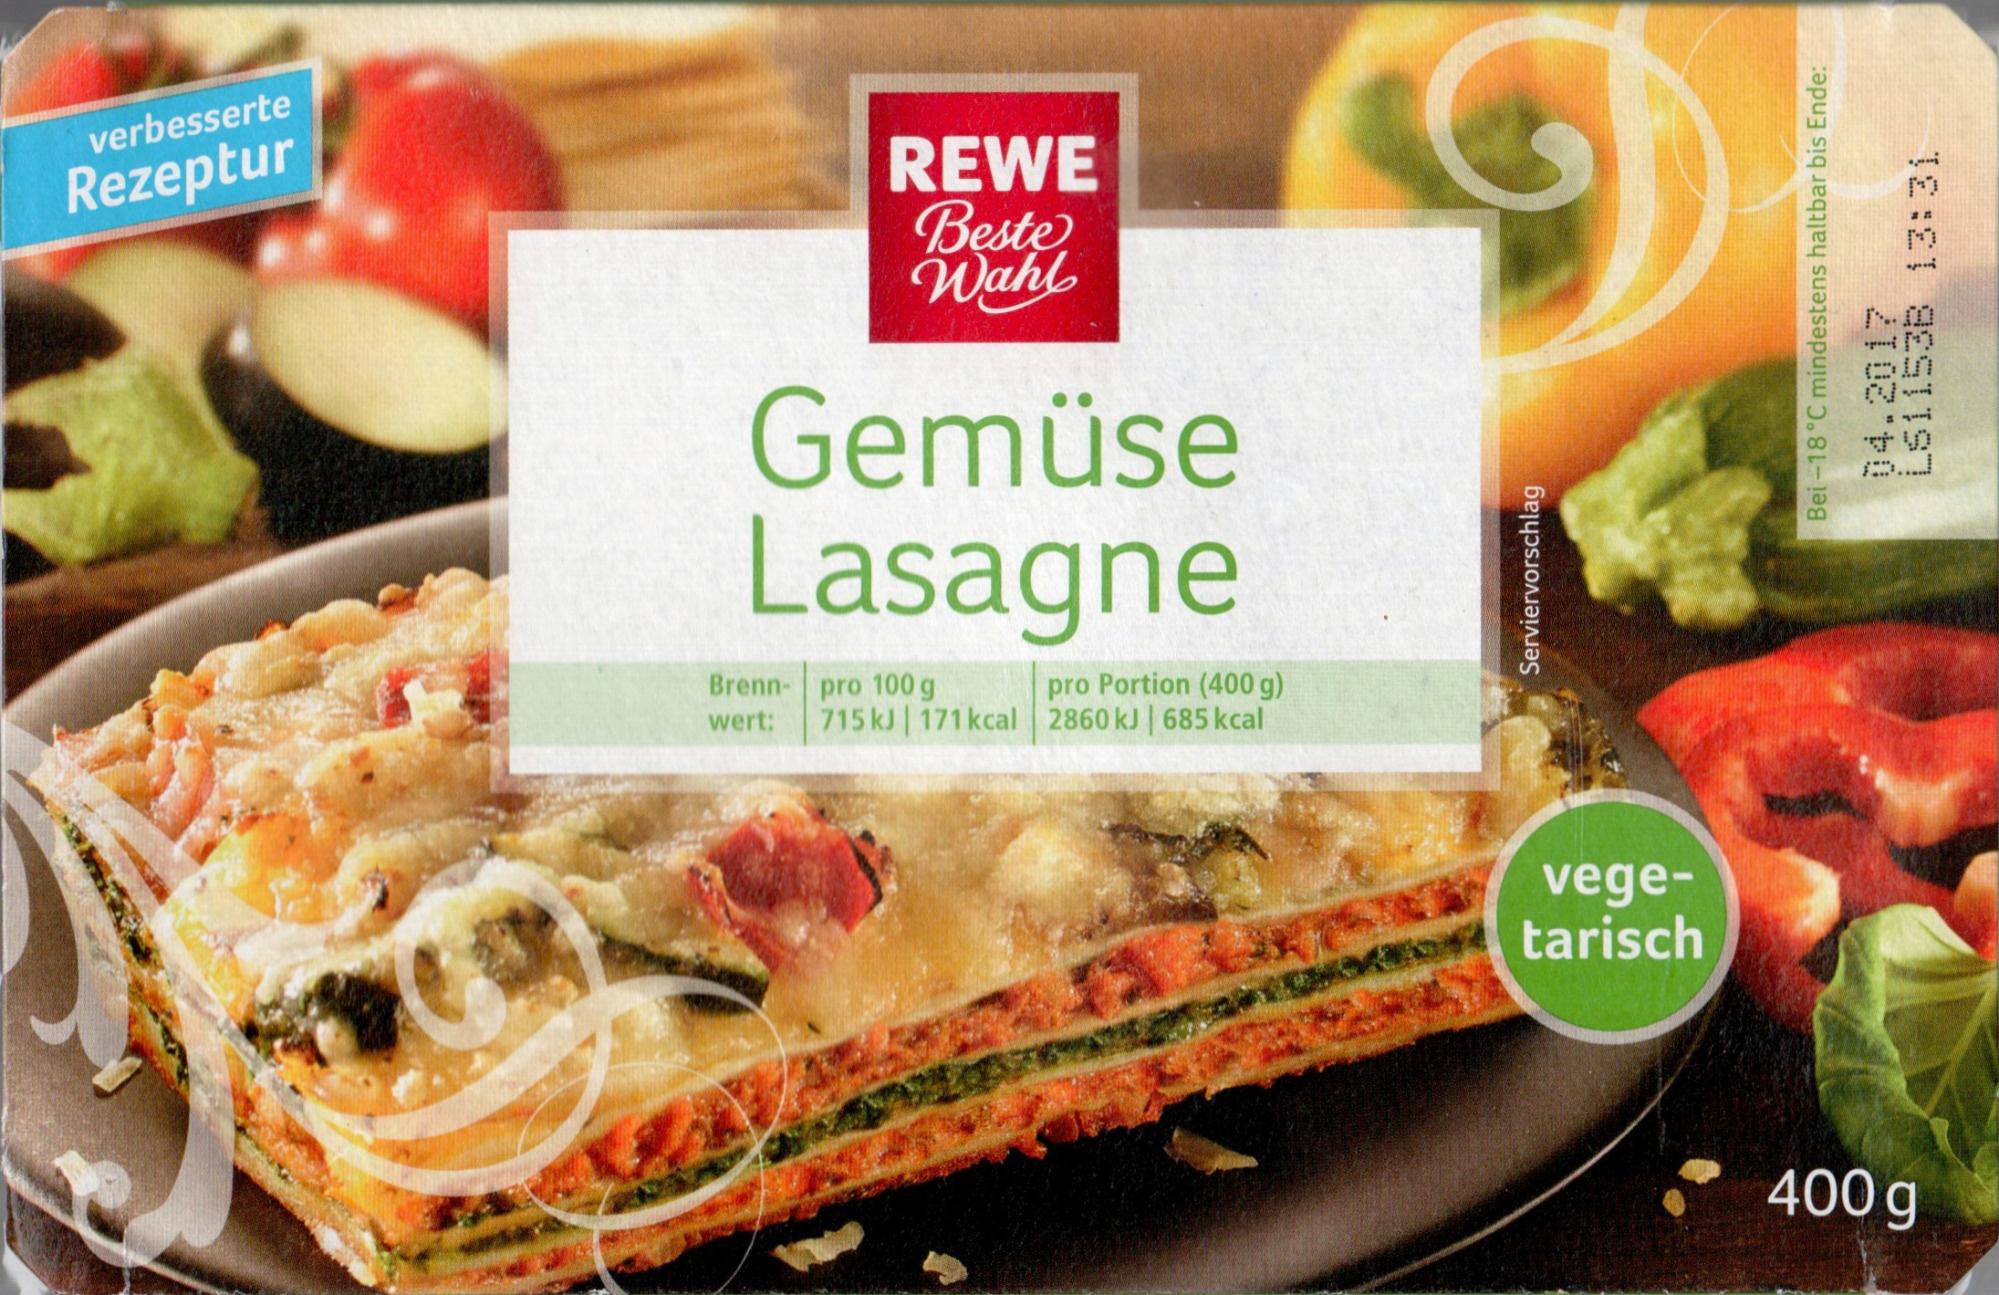 Gemüse Lasagne - Produit - de